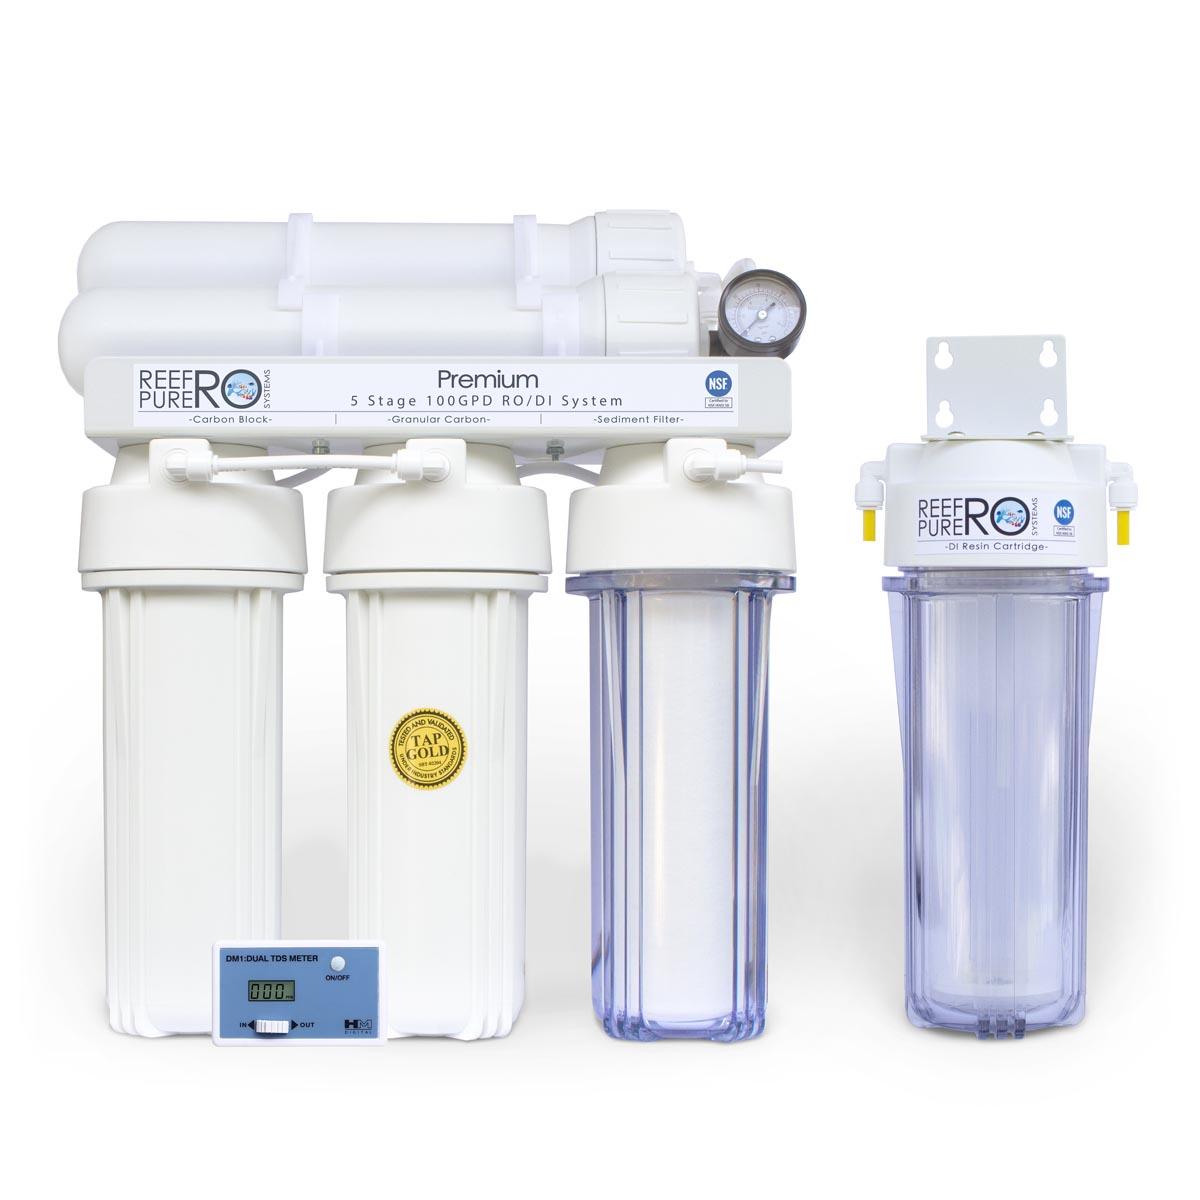 5 Stage 100GPD Premium RO/DI System